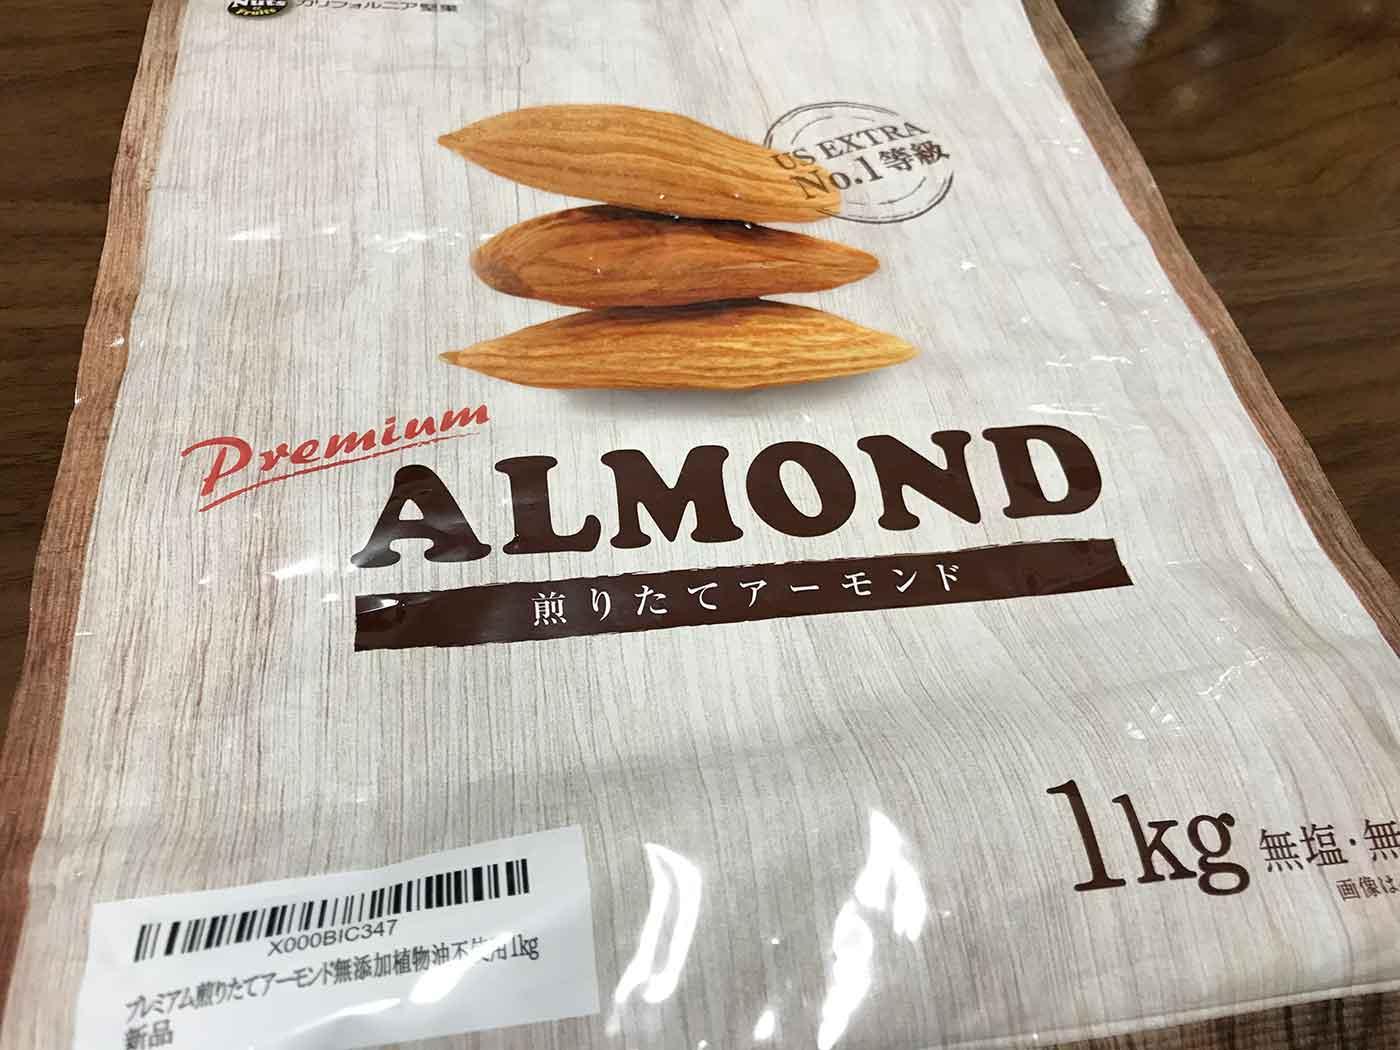 アーモンド1kg